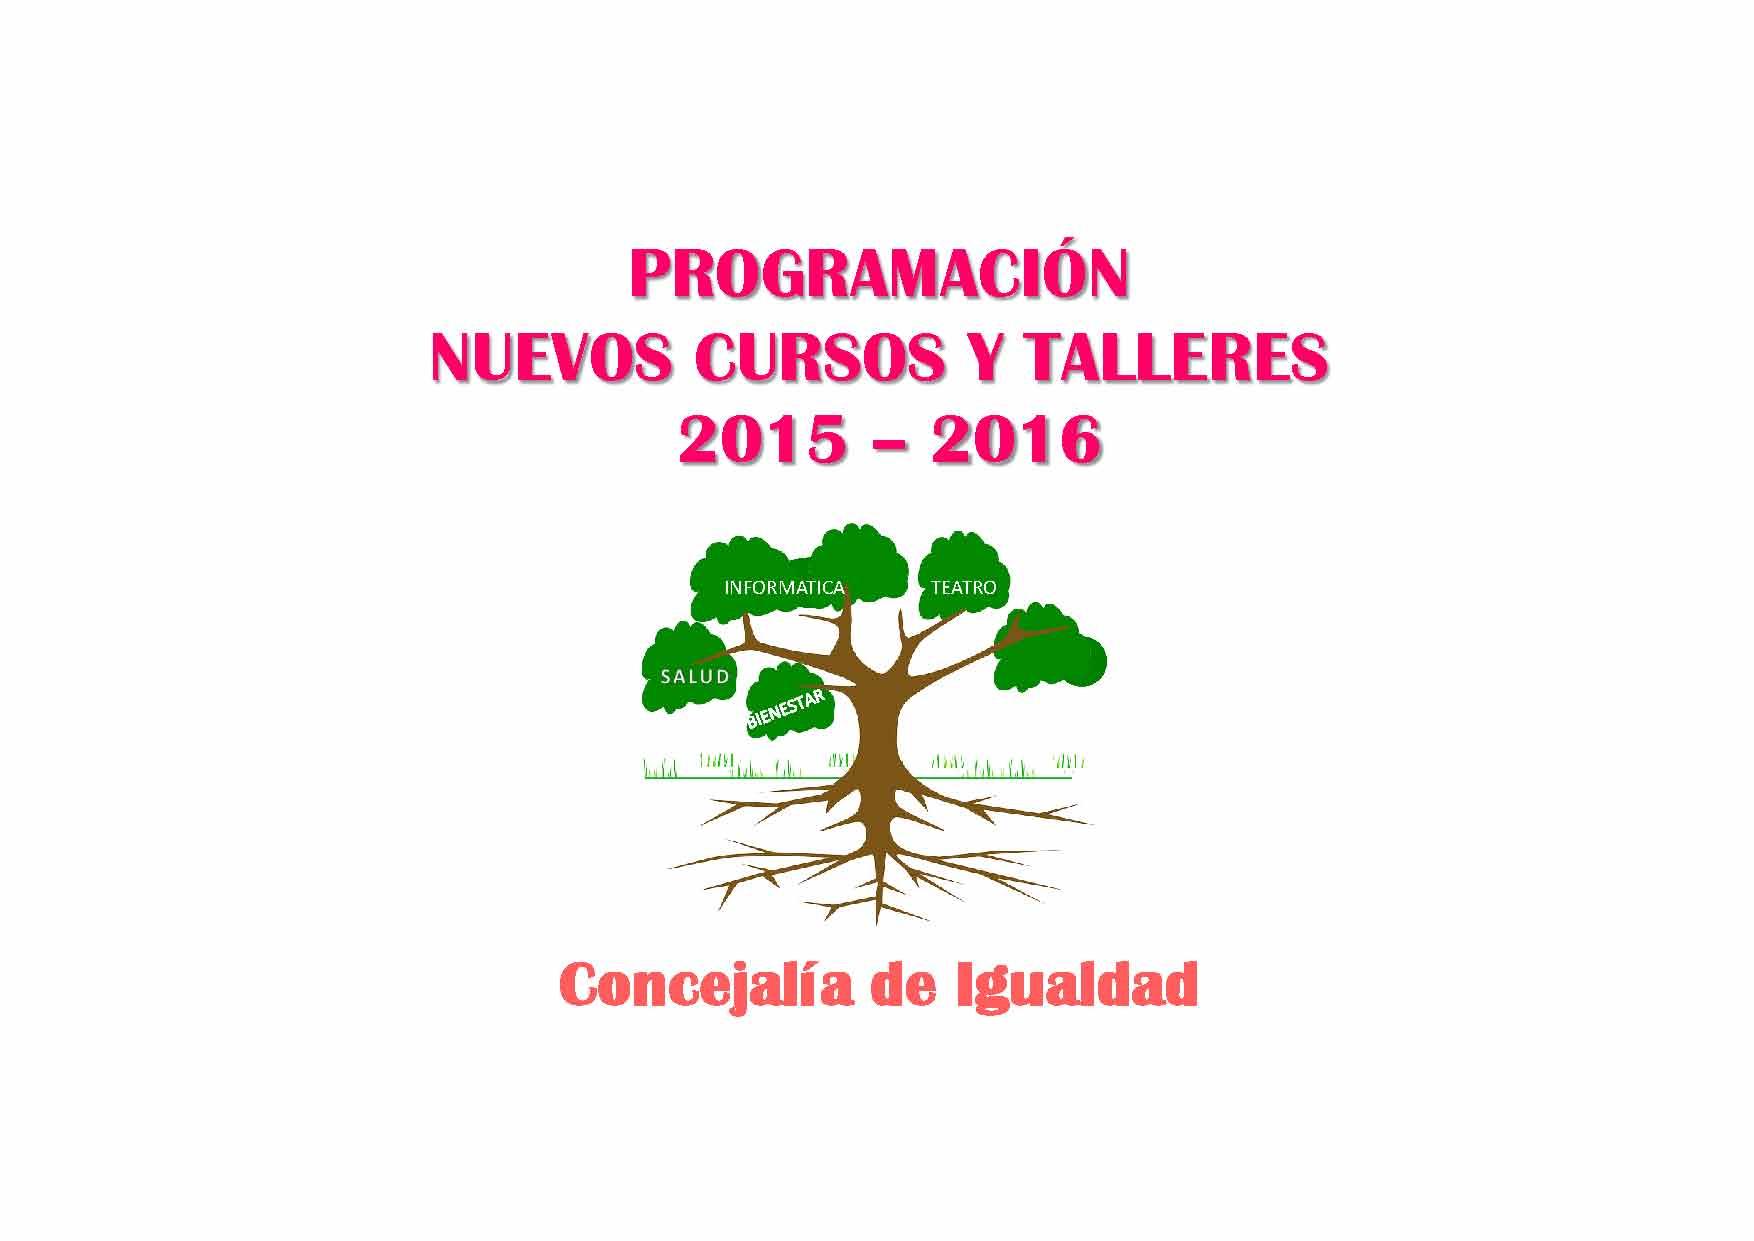 Abierto el plazo para la inscripción en los cursos gratuitos de la Concejalía de Igualdad